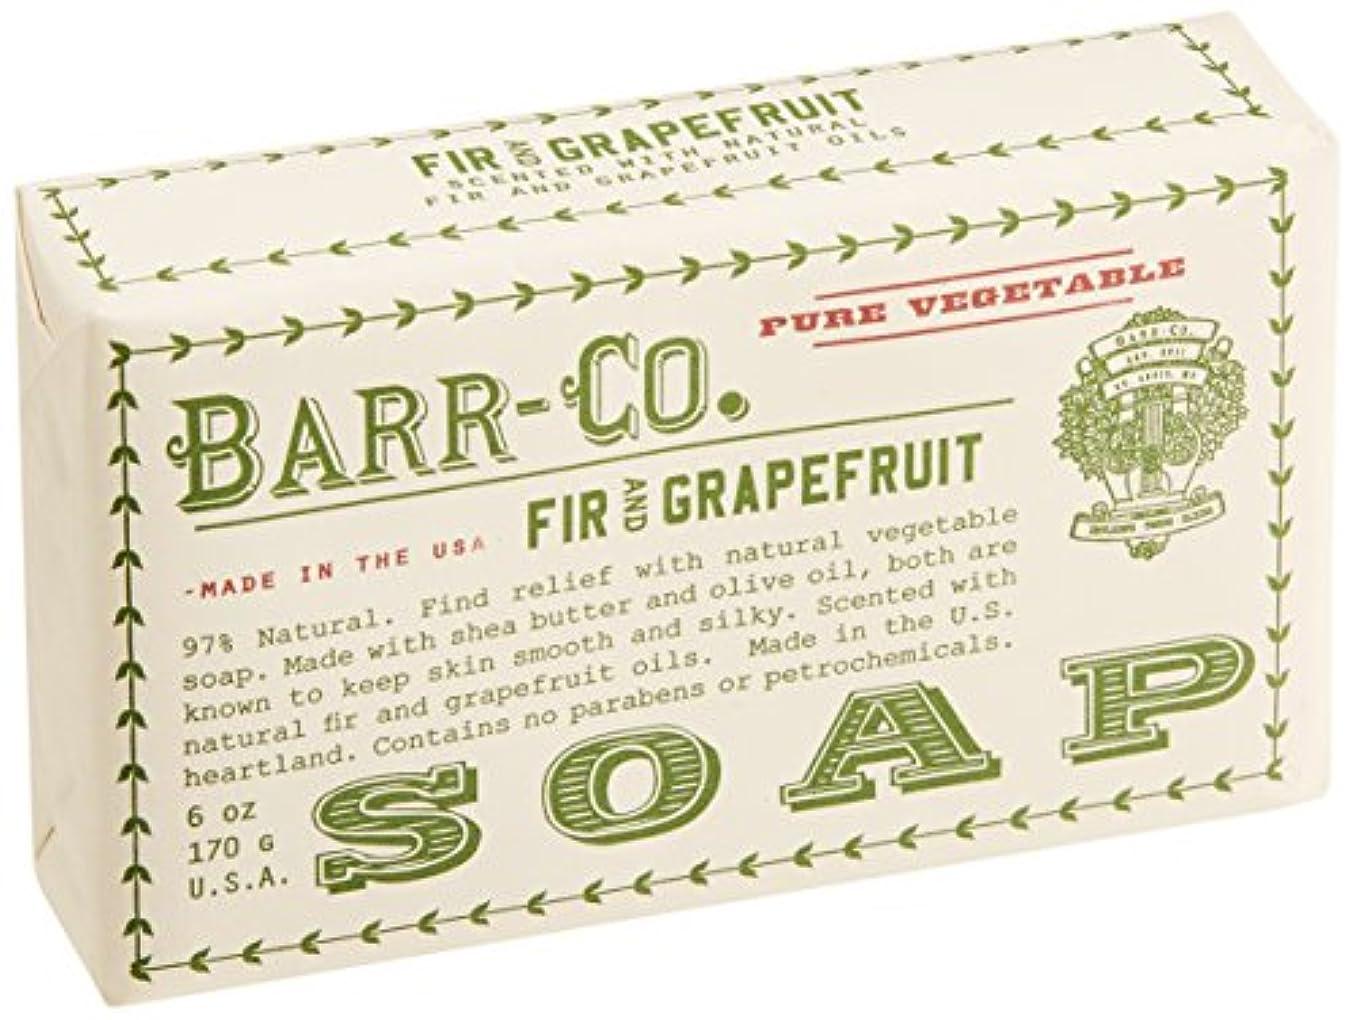 クリーク飲み込む拒絶BARR-CO.(バーコー) バーソープ FIR&GRAPEFRUIT